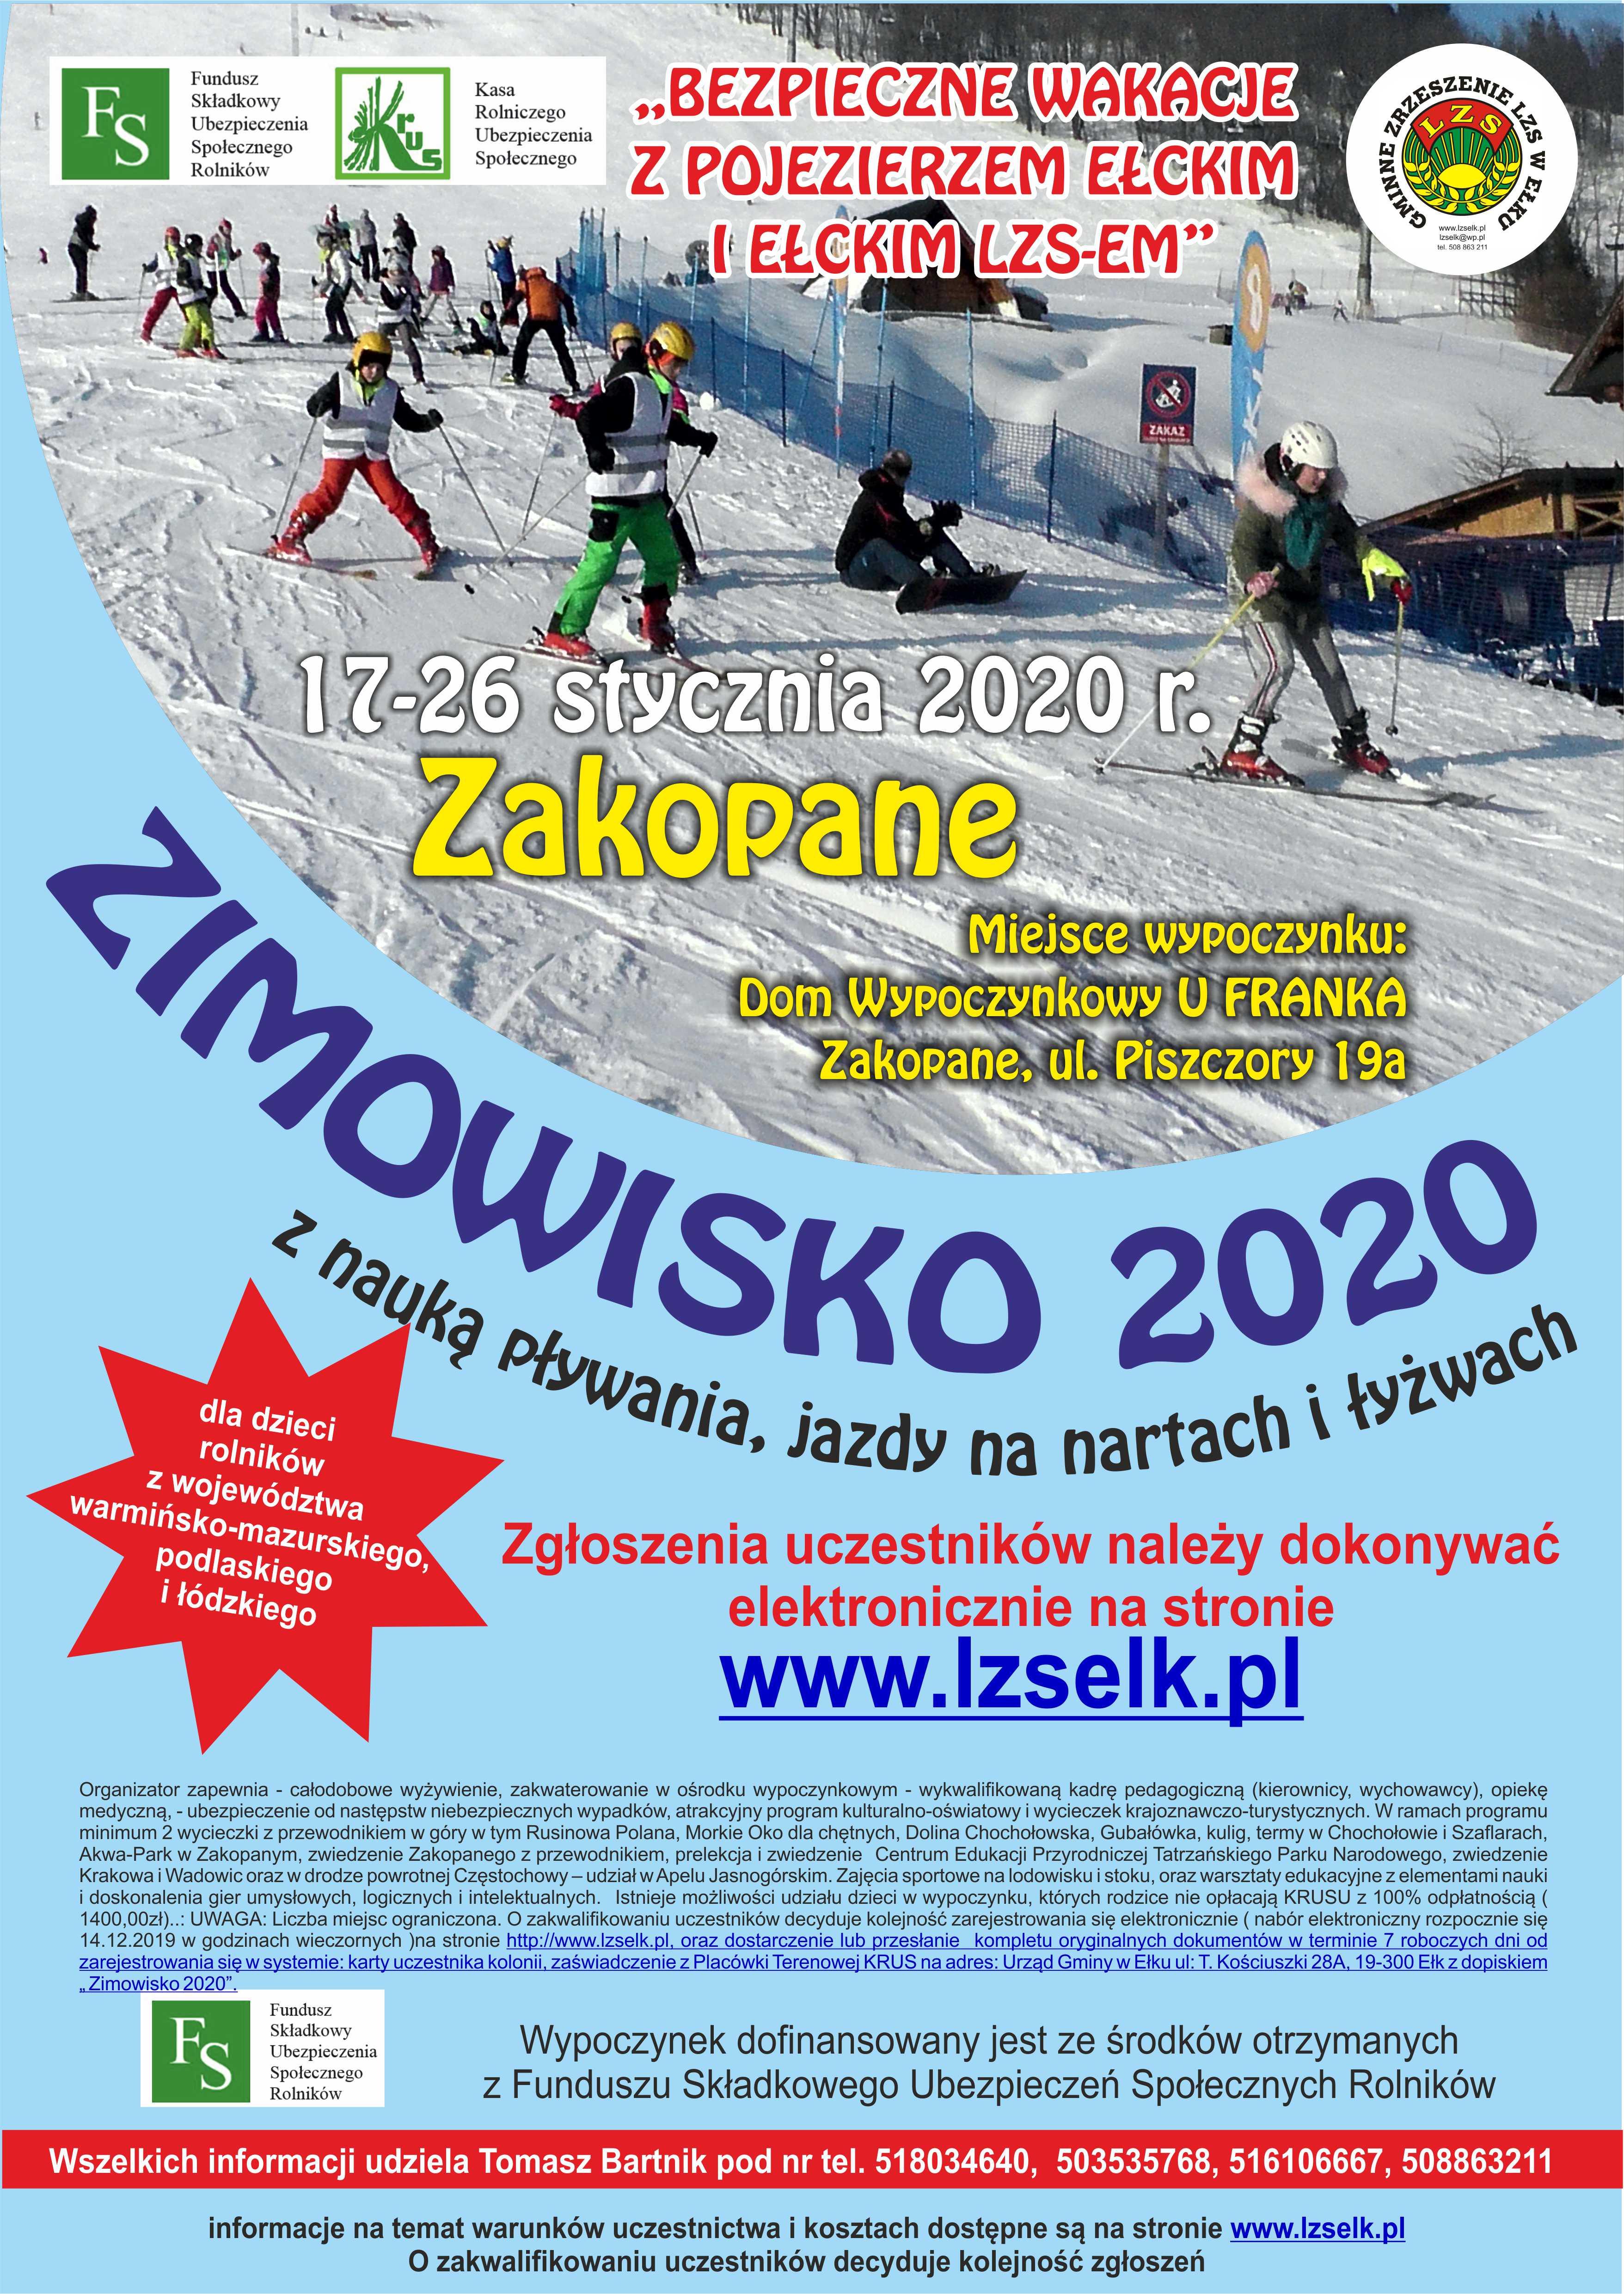 zimowisko 2020